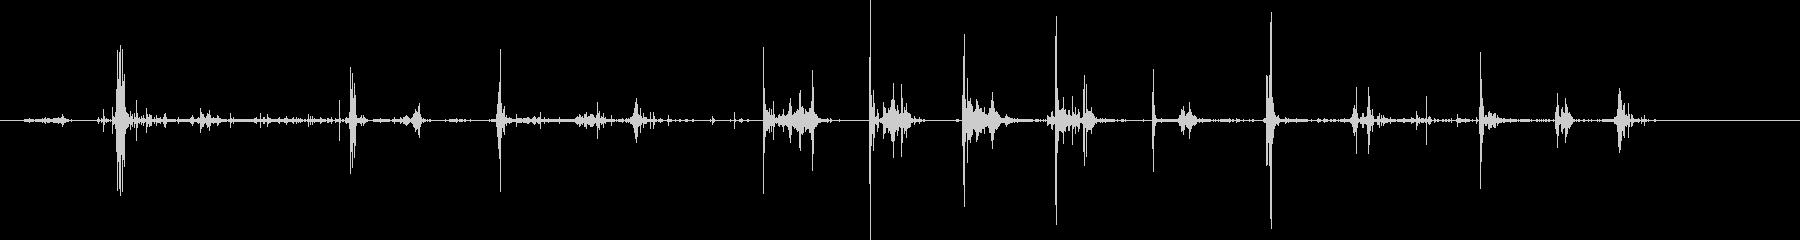 シャベルディグダート;音と破片をこ...の未再生の波形